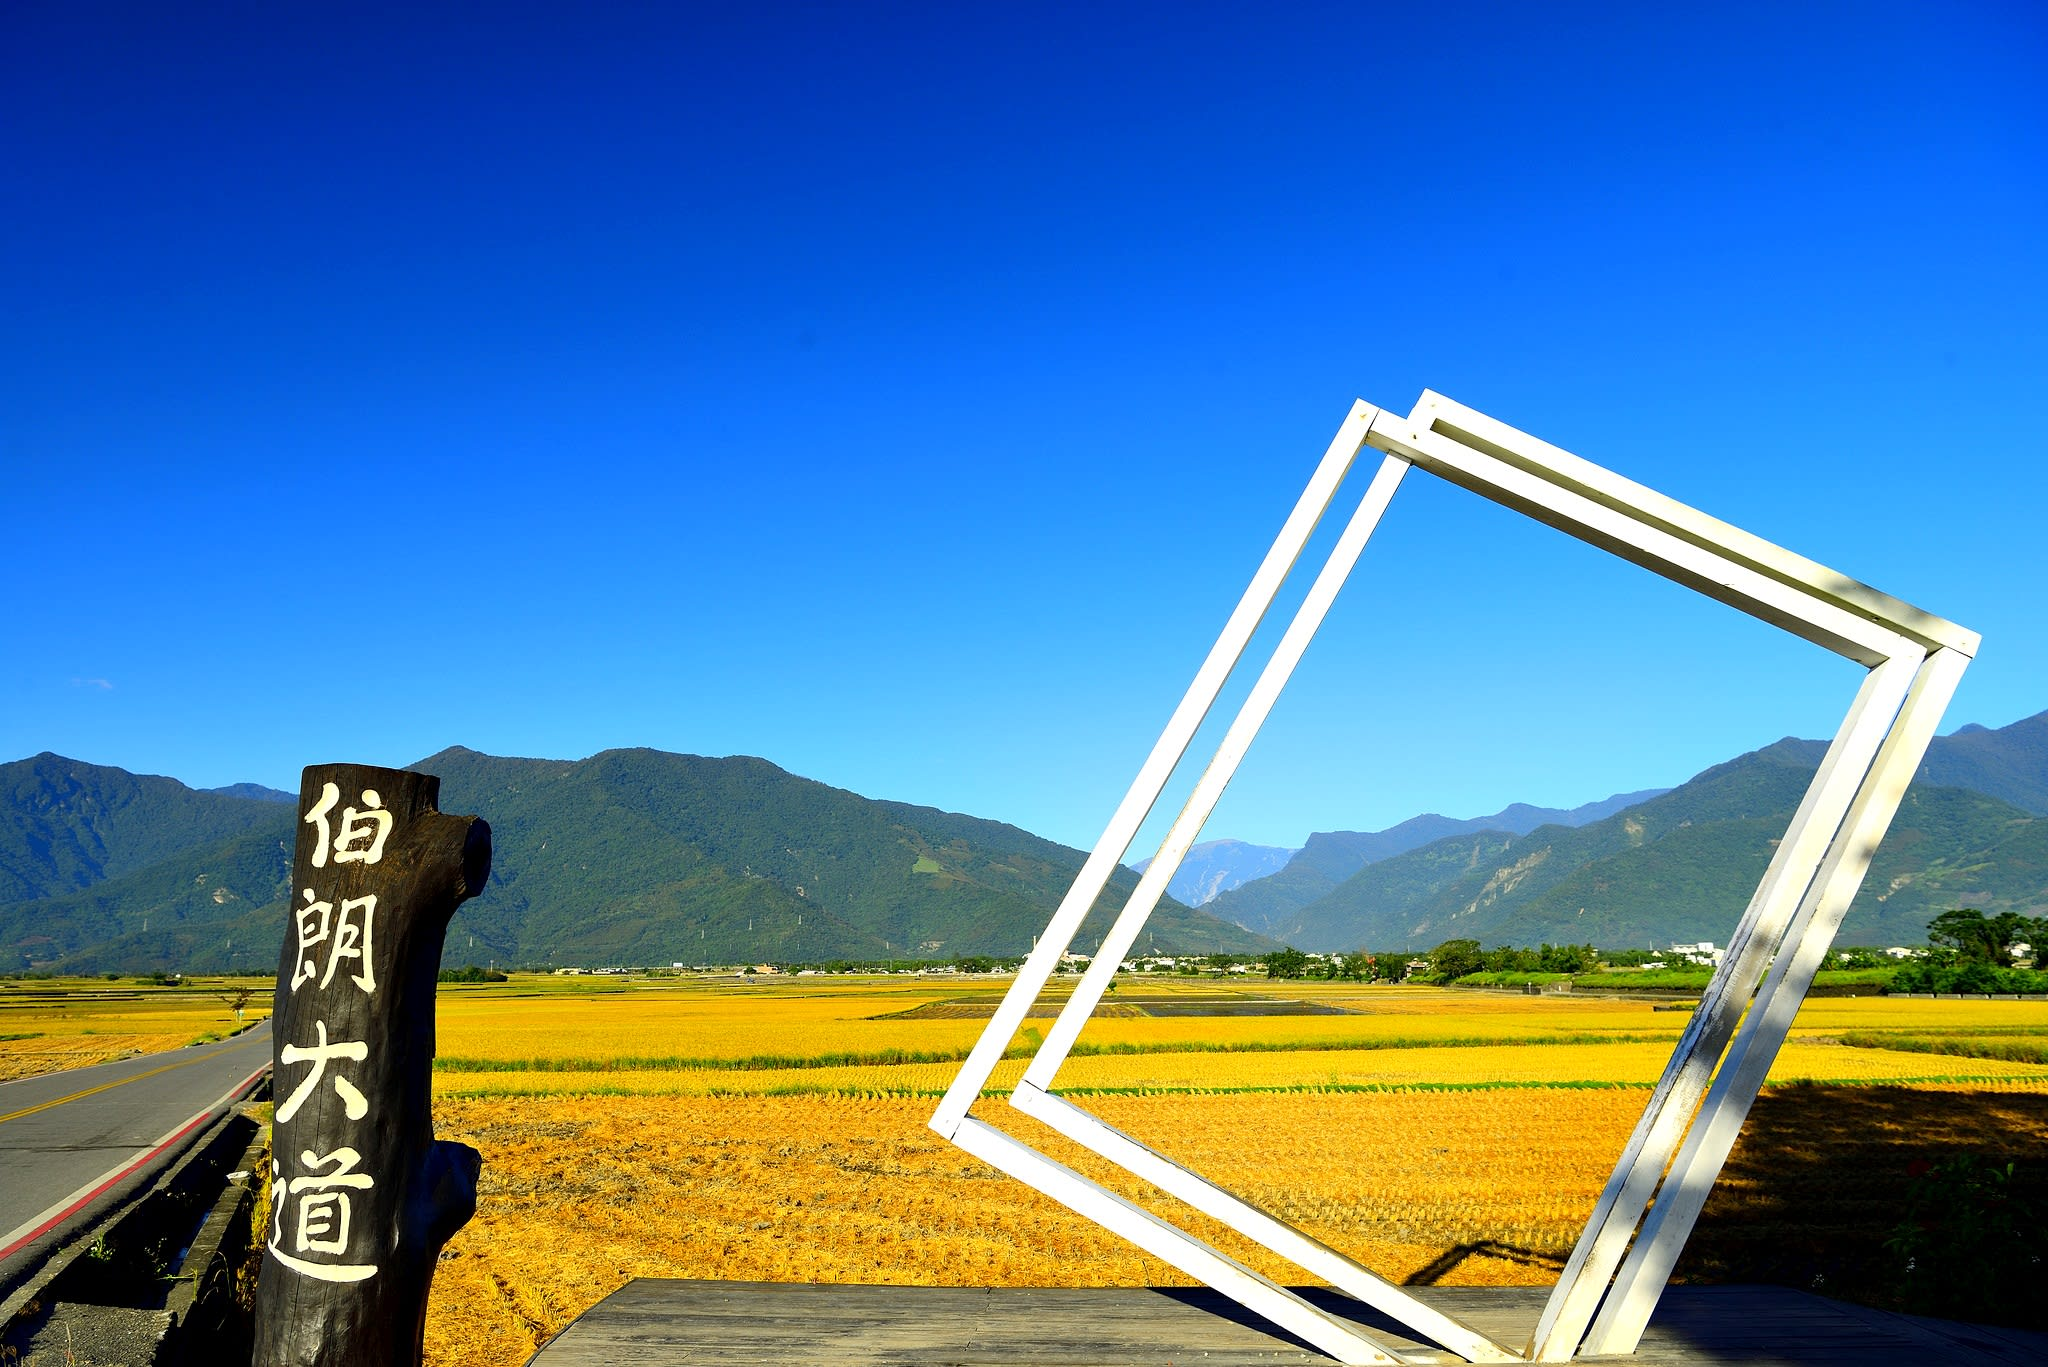 一定要記得到伯朗大道旁的白色相框拍照留念,將金黃美景通通打包帶回家。(Flickr授權作者-發現旅行中的小確幸)